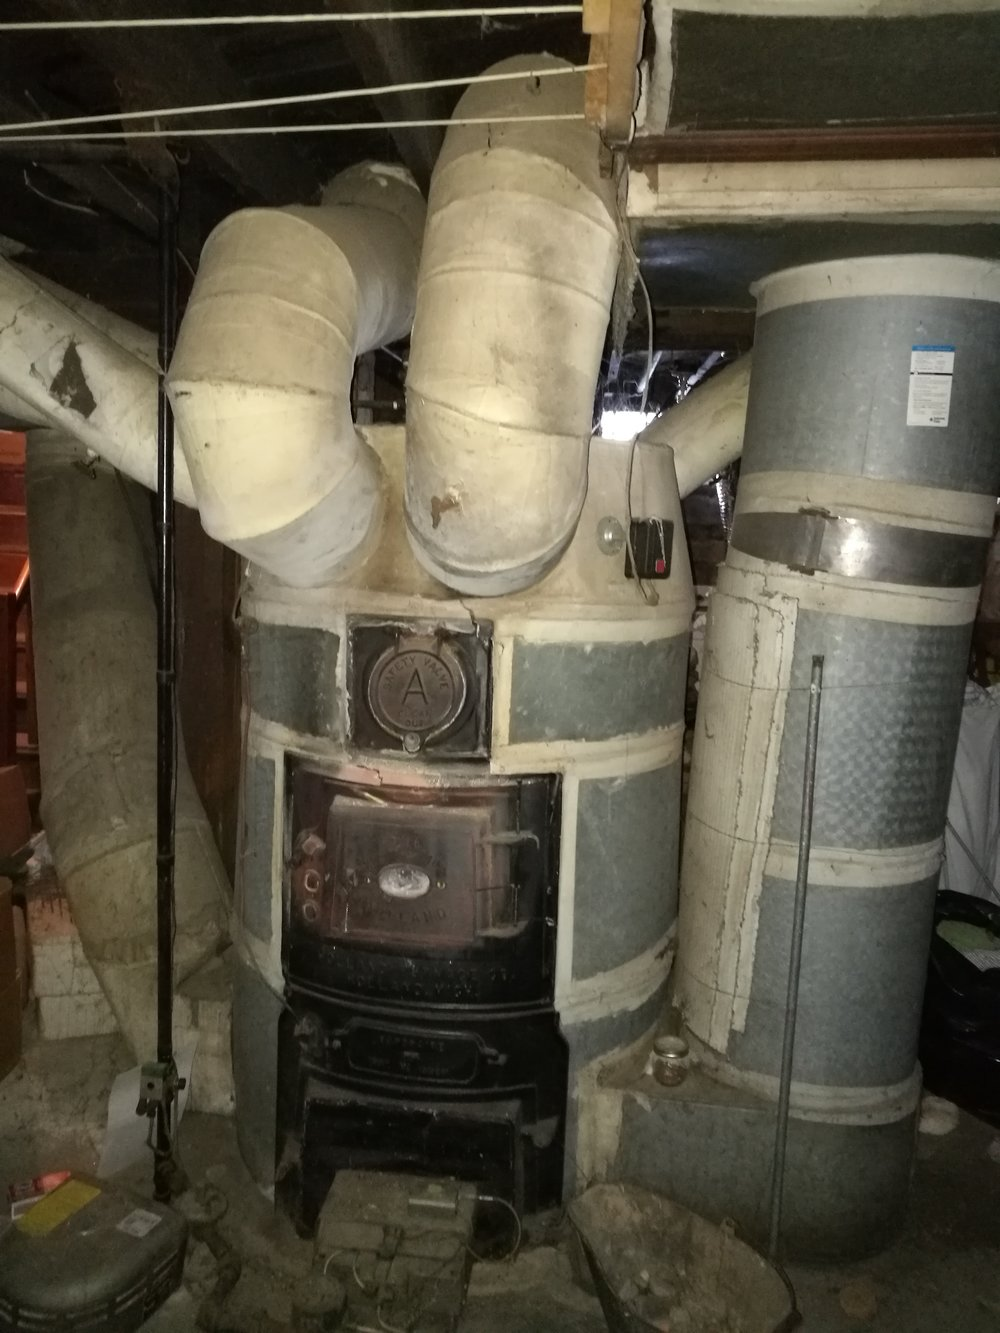 Arla's old gravity furnace